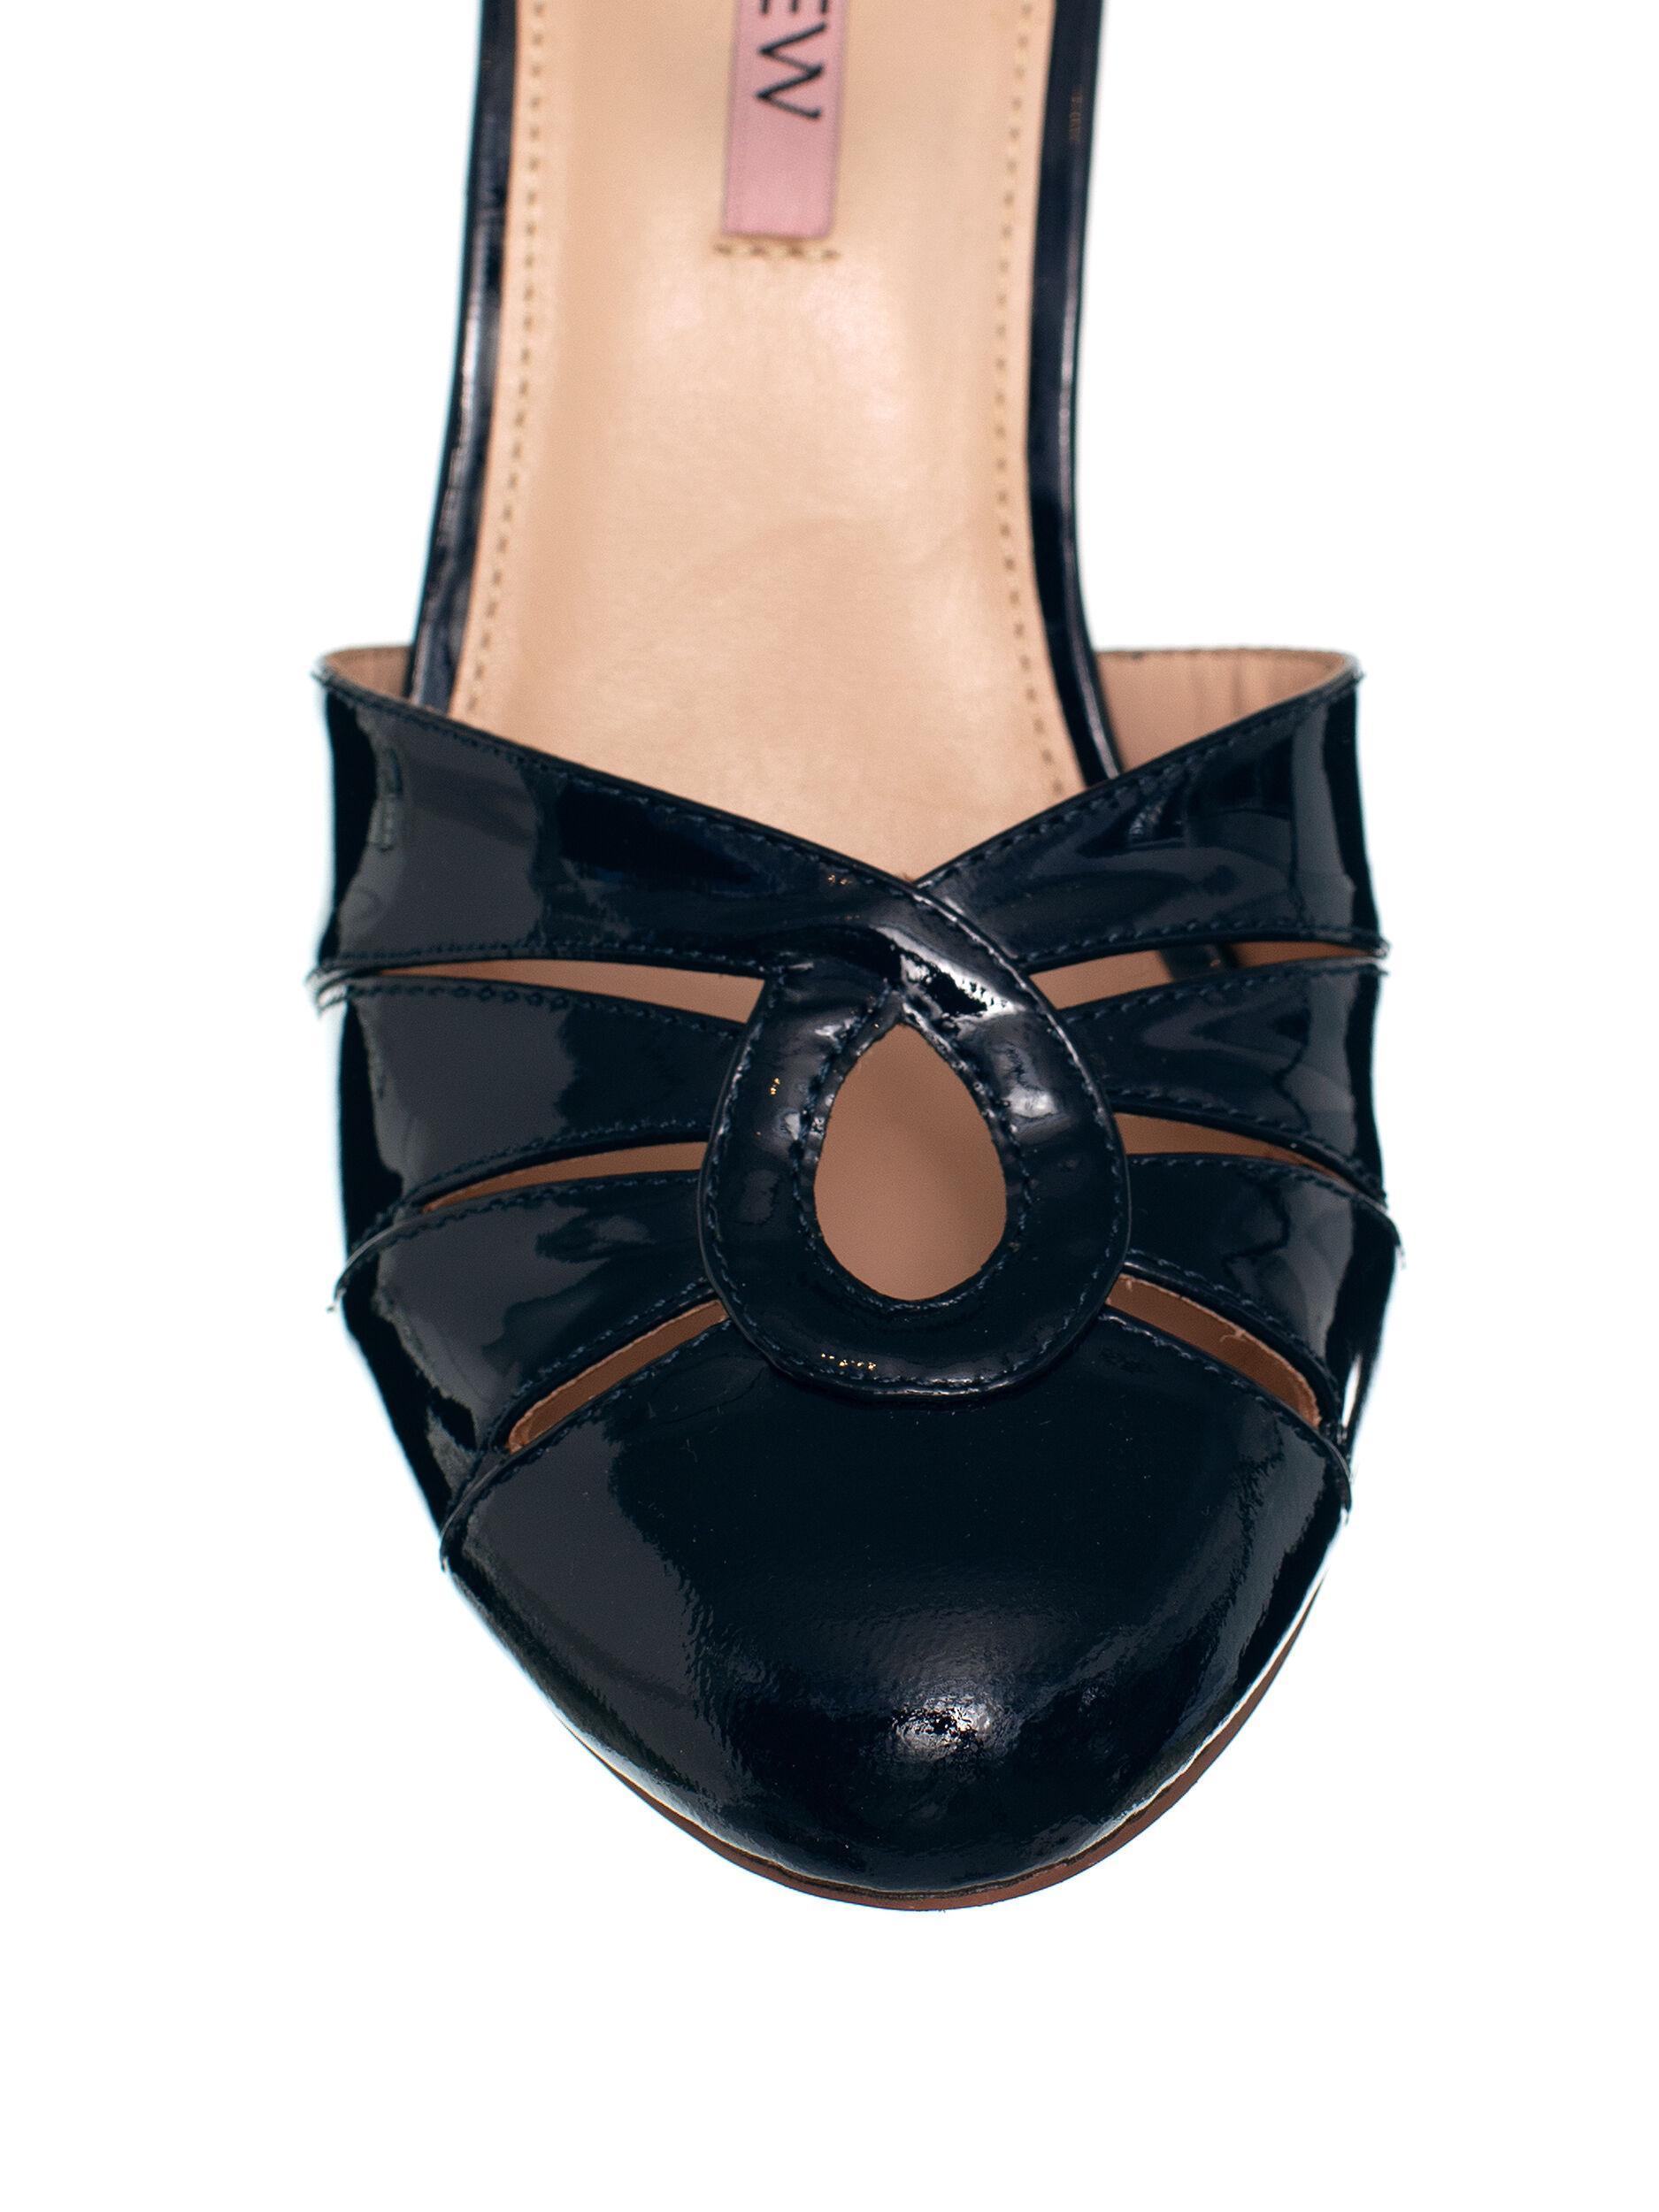 Daisy May Shoe